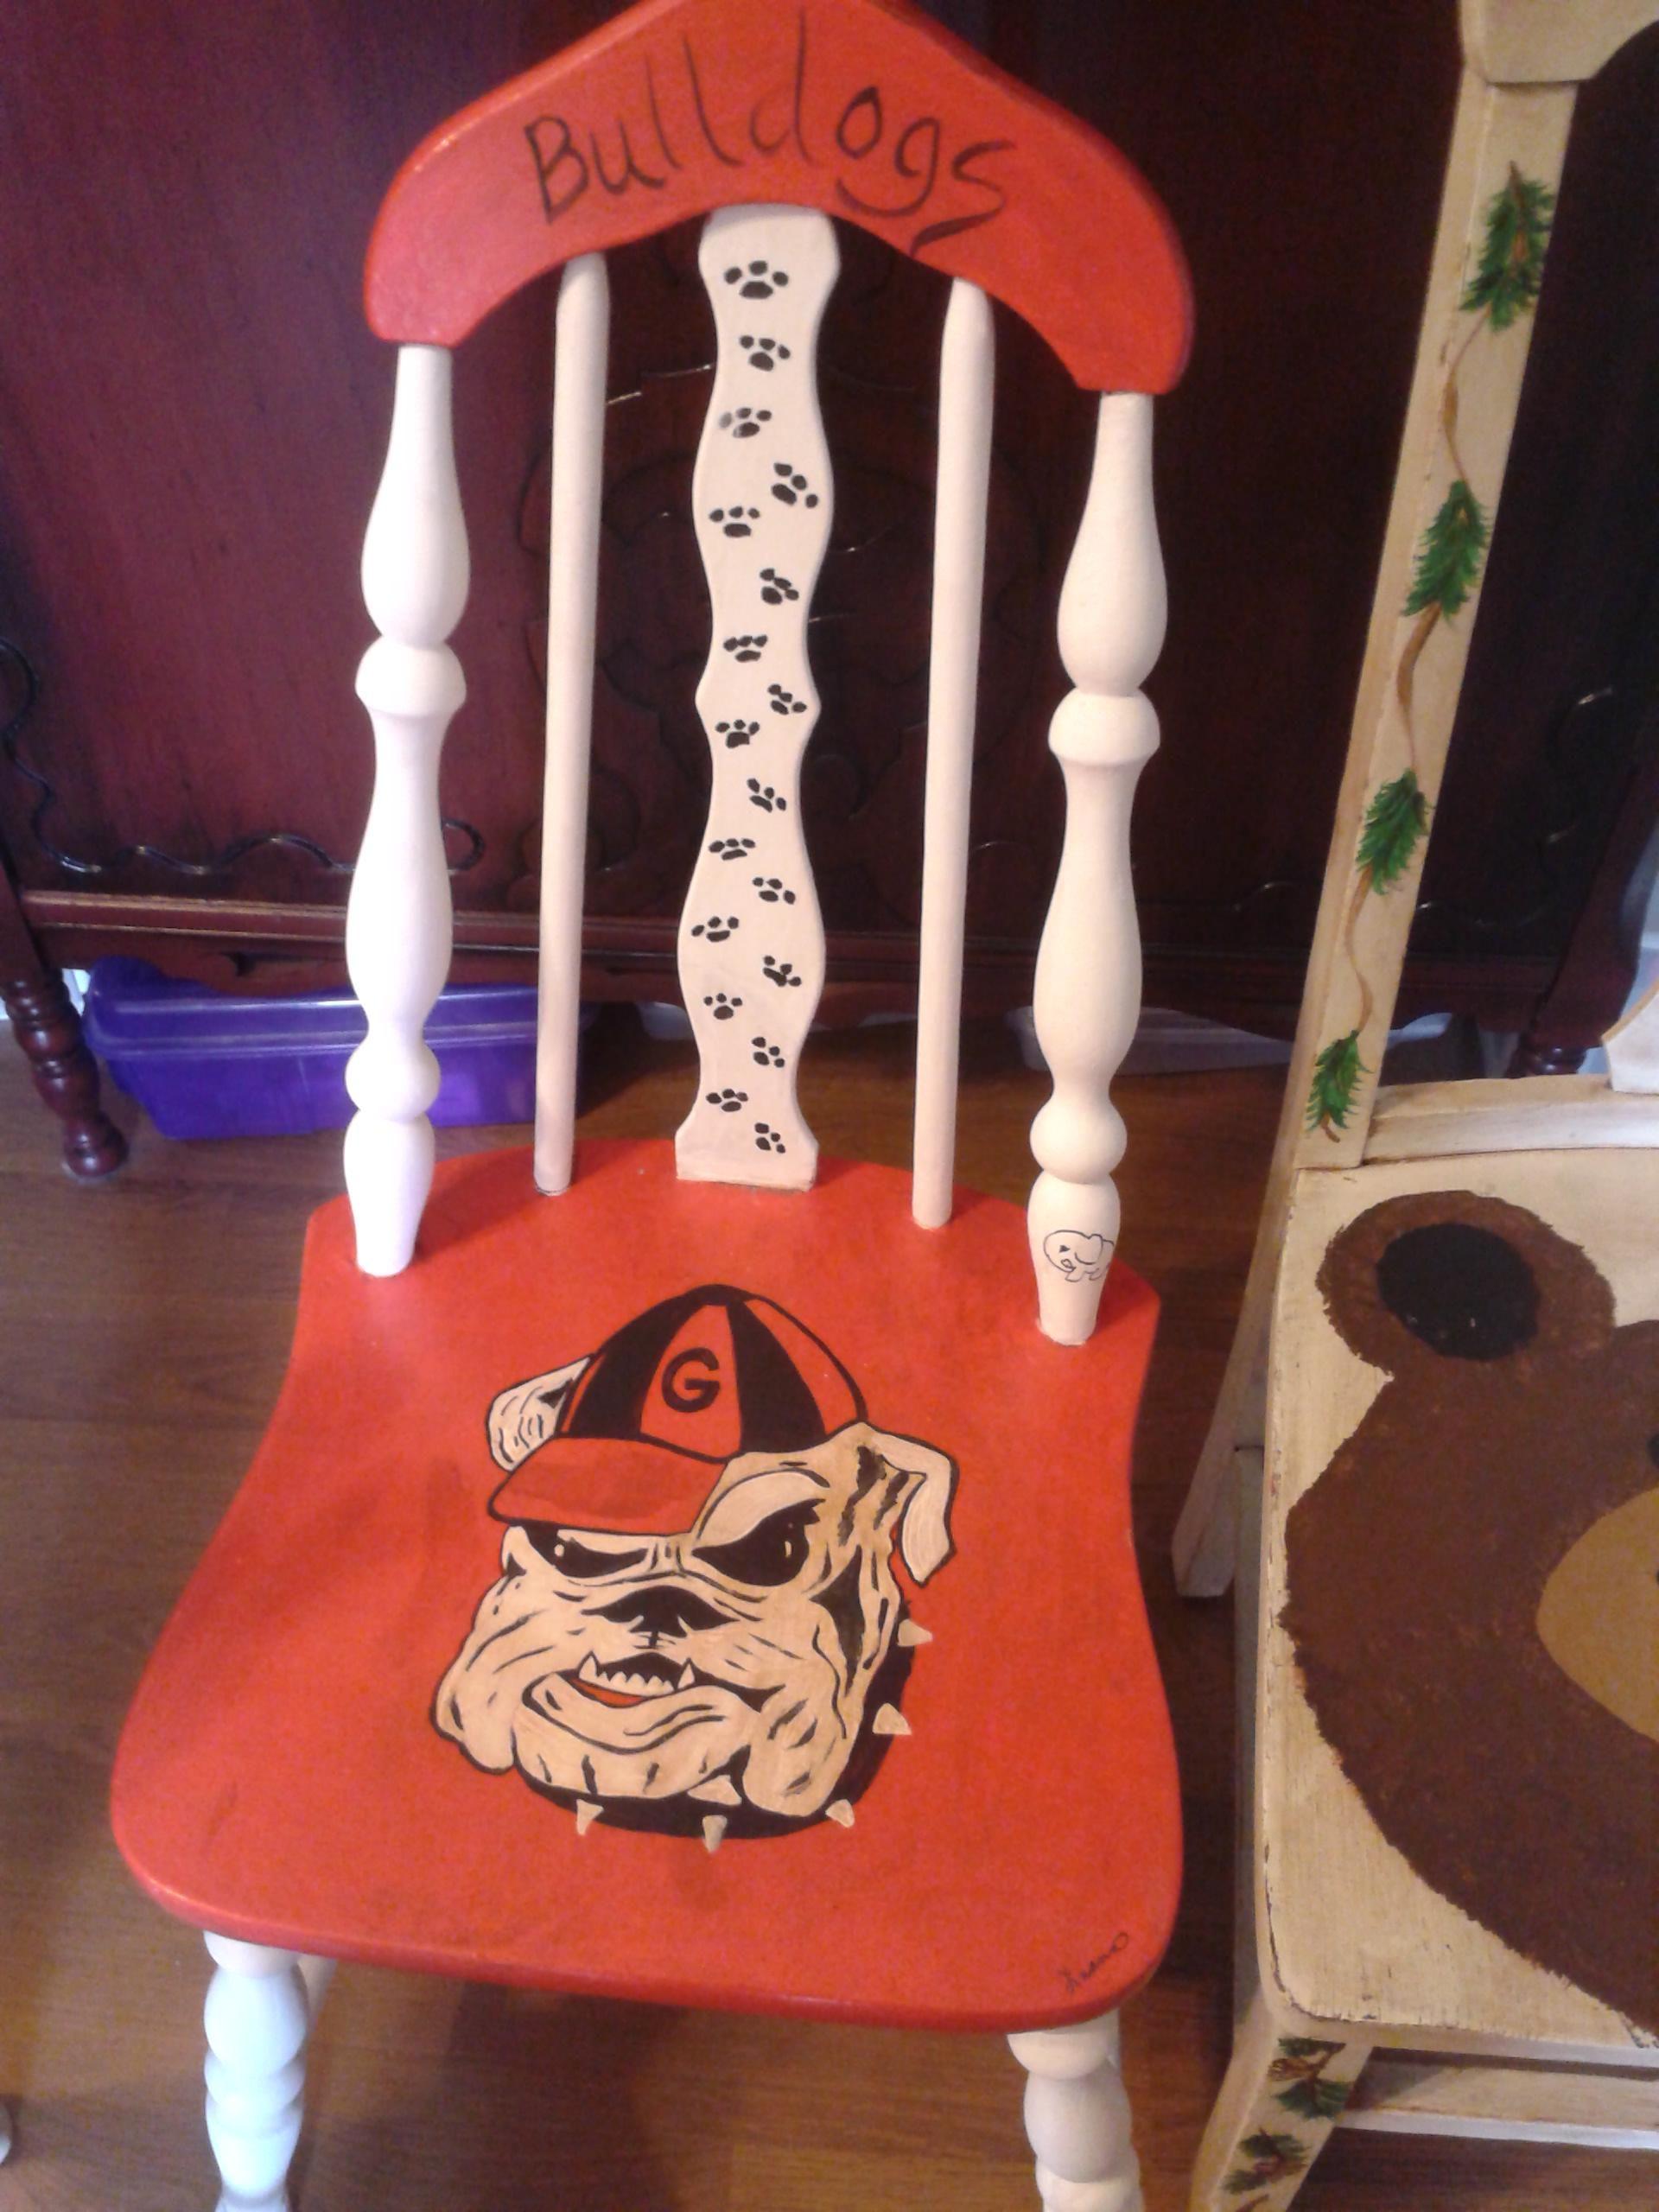 Georgia Bulldog Chair